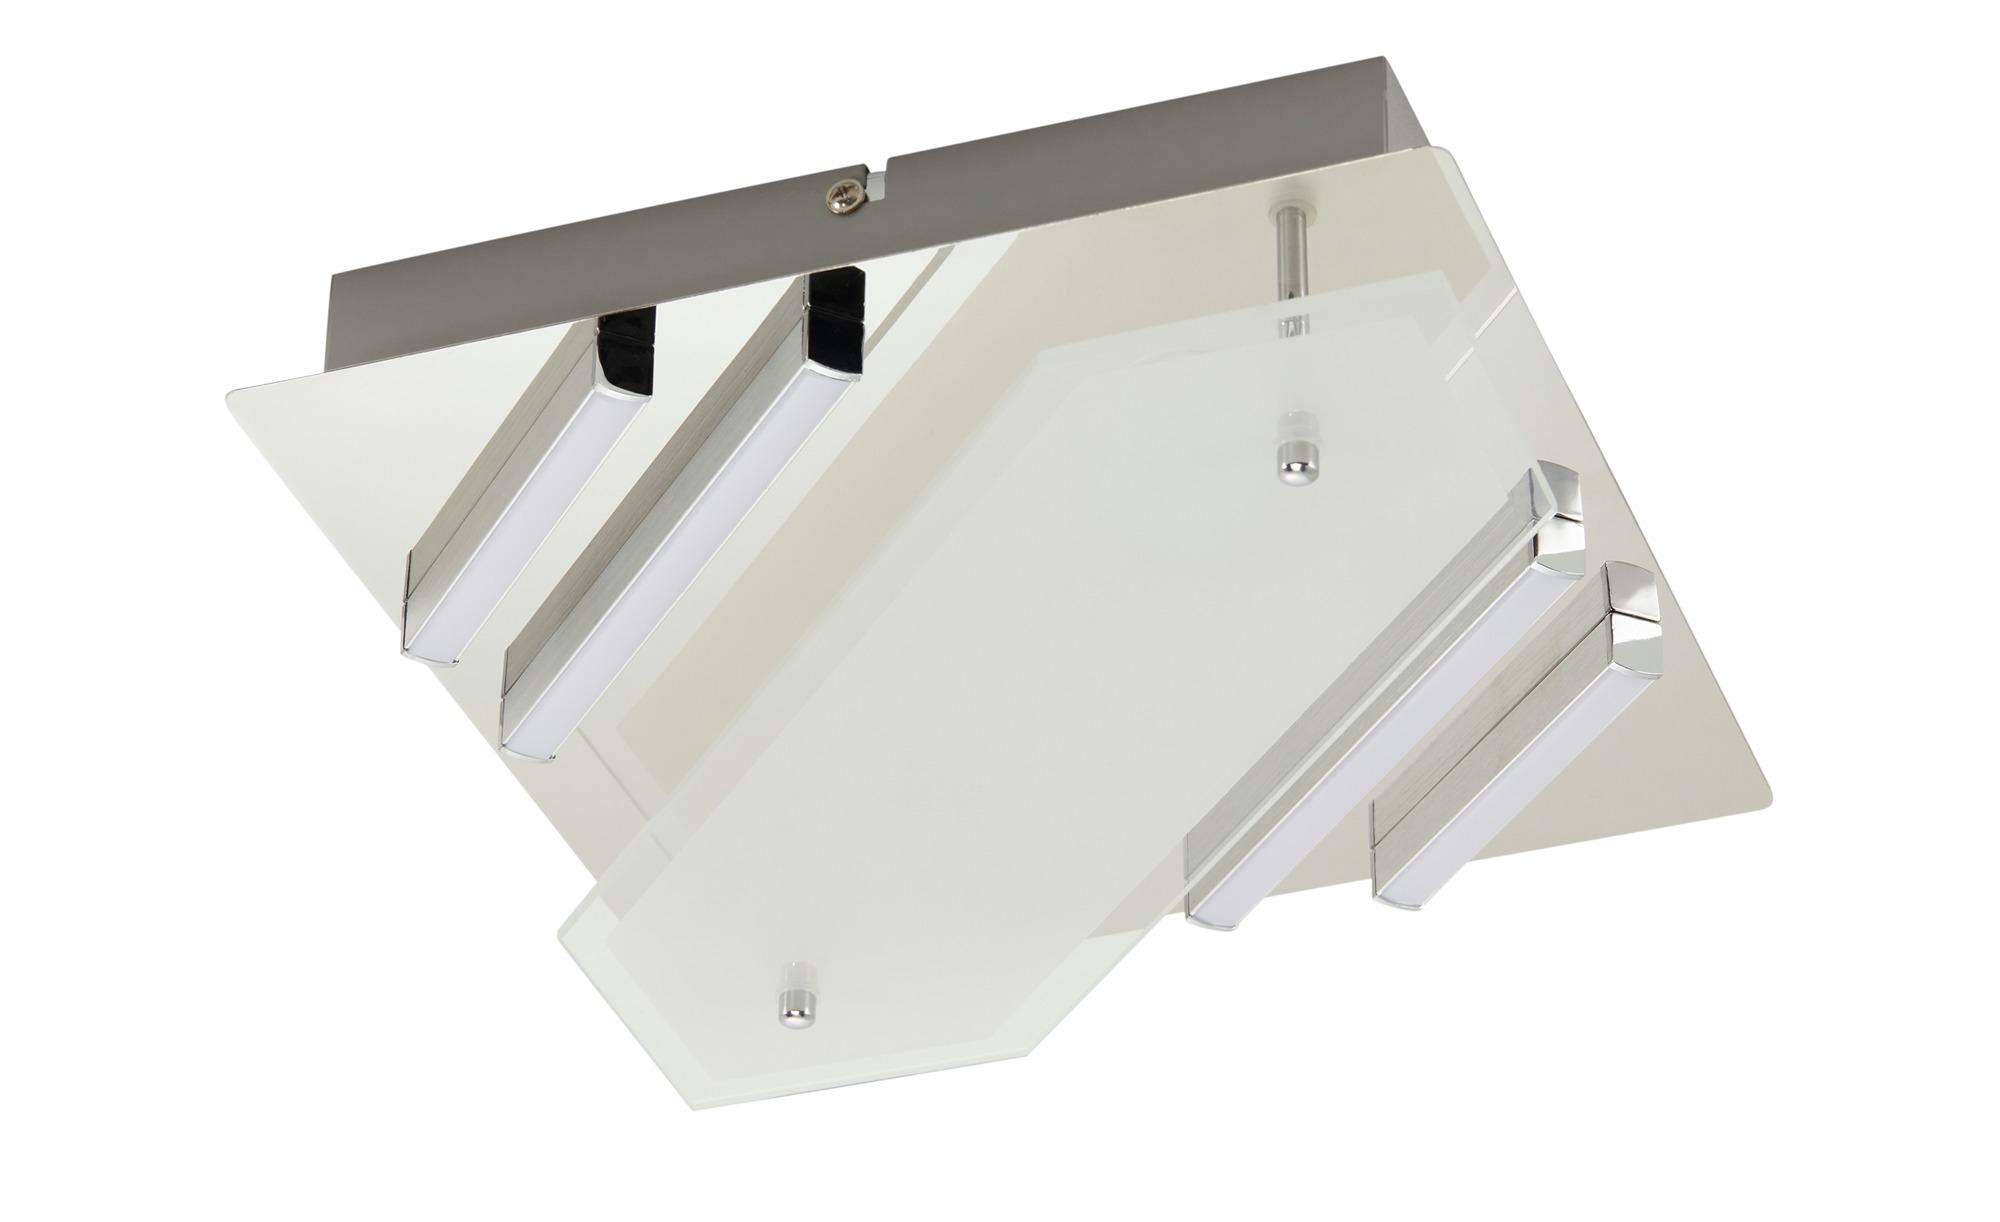 KHG LED-Deckenleuchte, 2+4 flammig, chrom ¦ silber ¦ Maße (cm): B: 25 H: 8 Lampen & Leuchten > Innenleuchten > Deckenleuchten - Höffner